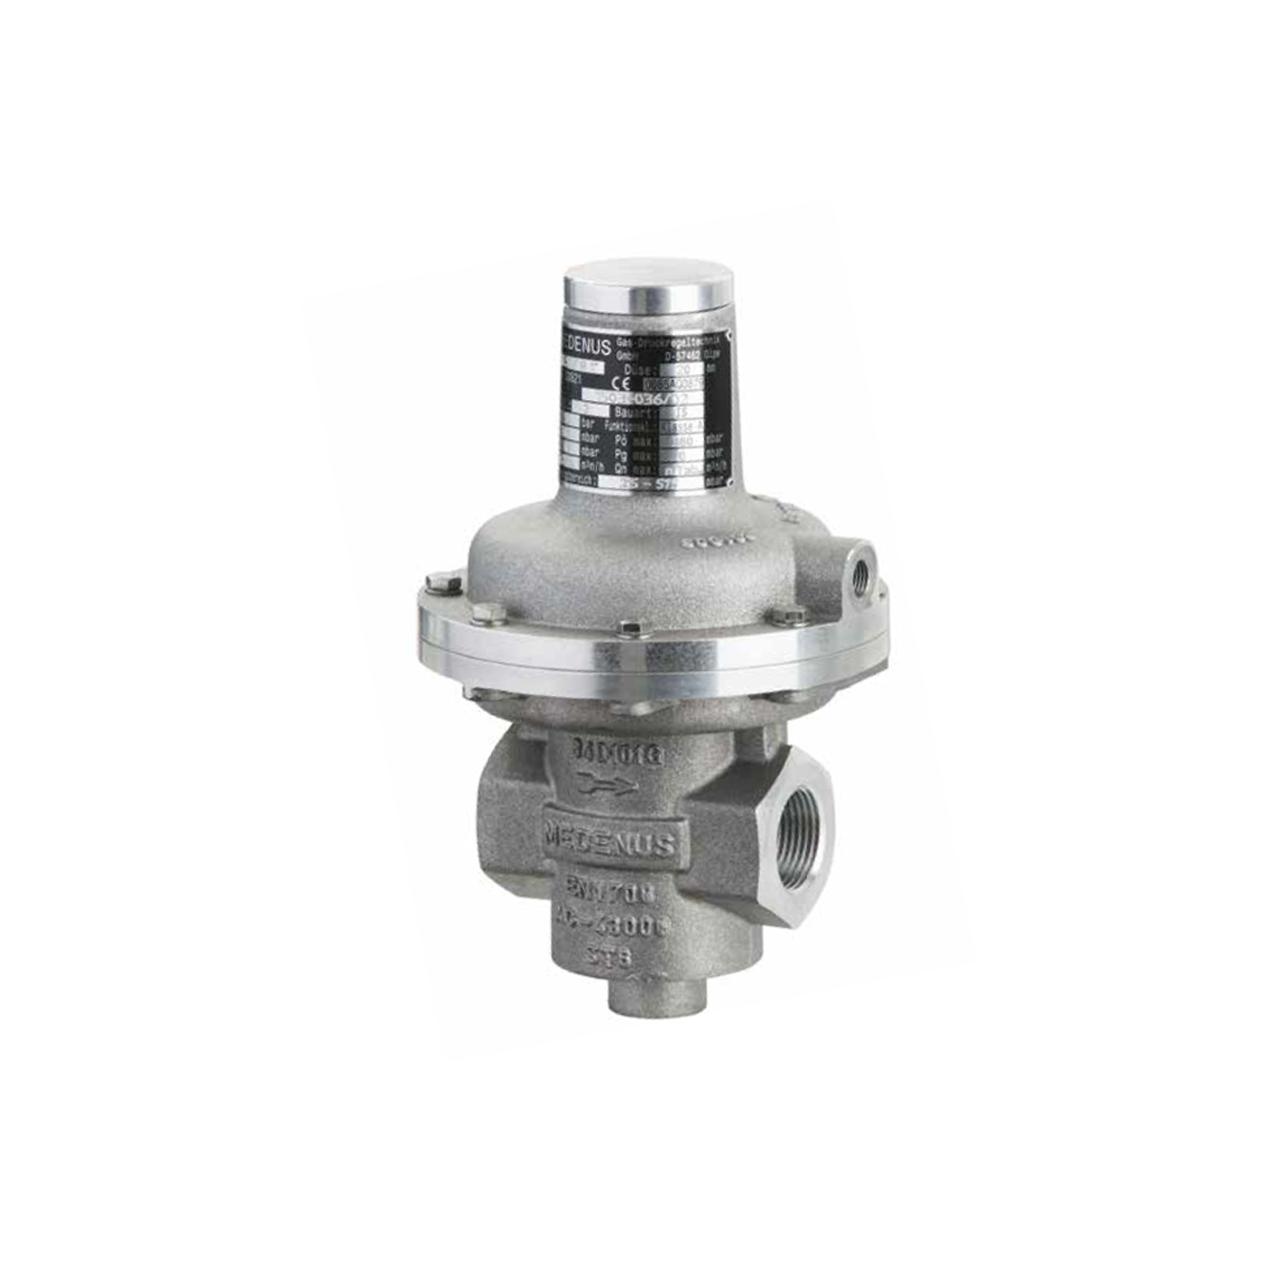 Medenus SL10 Gas Safety Valve Safety valve, Relief valve